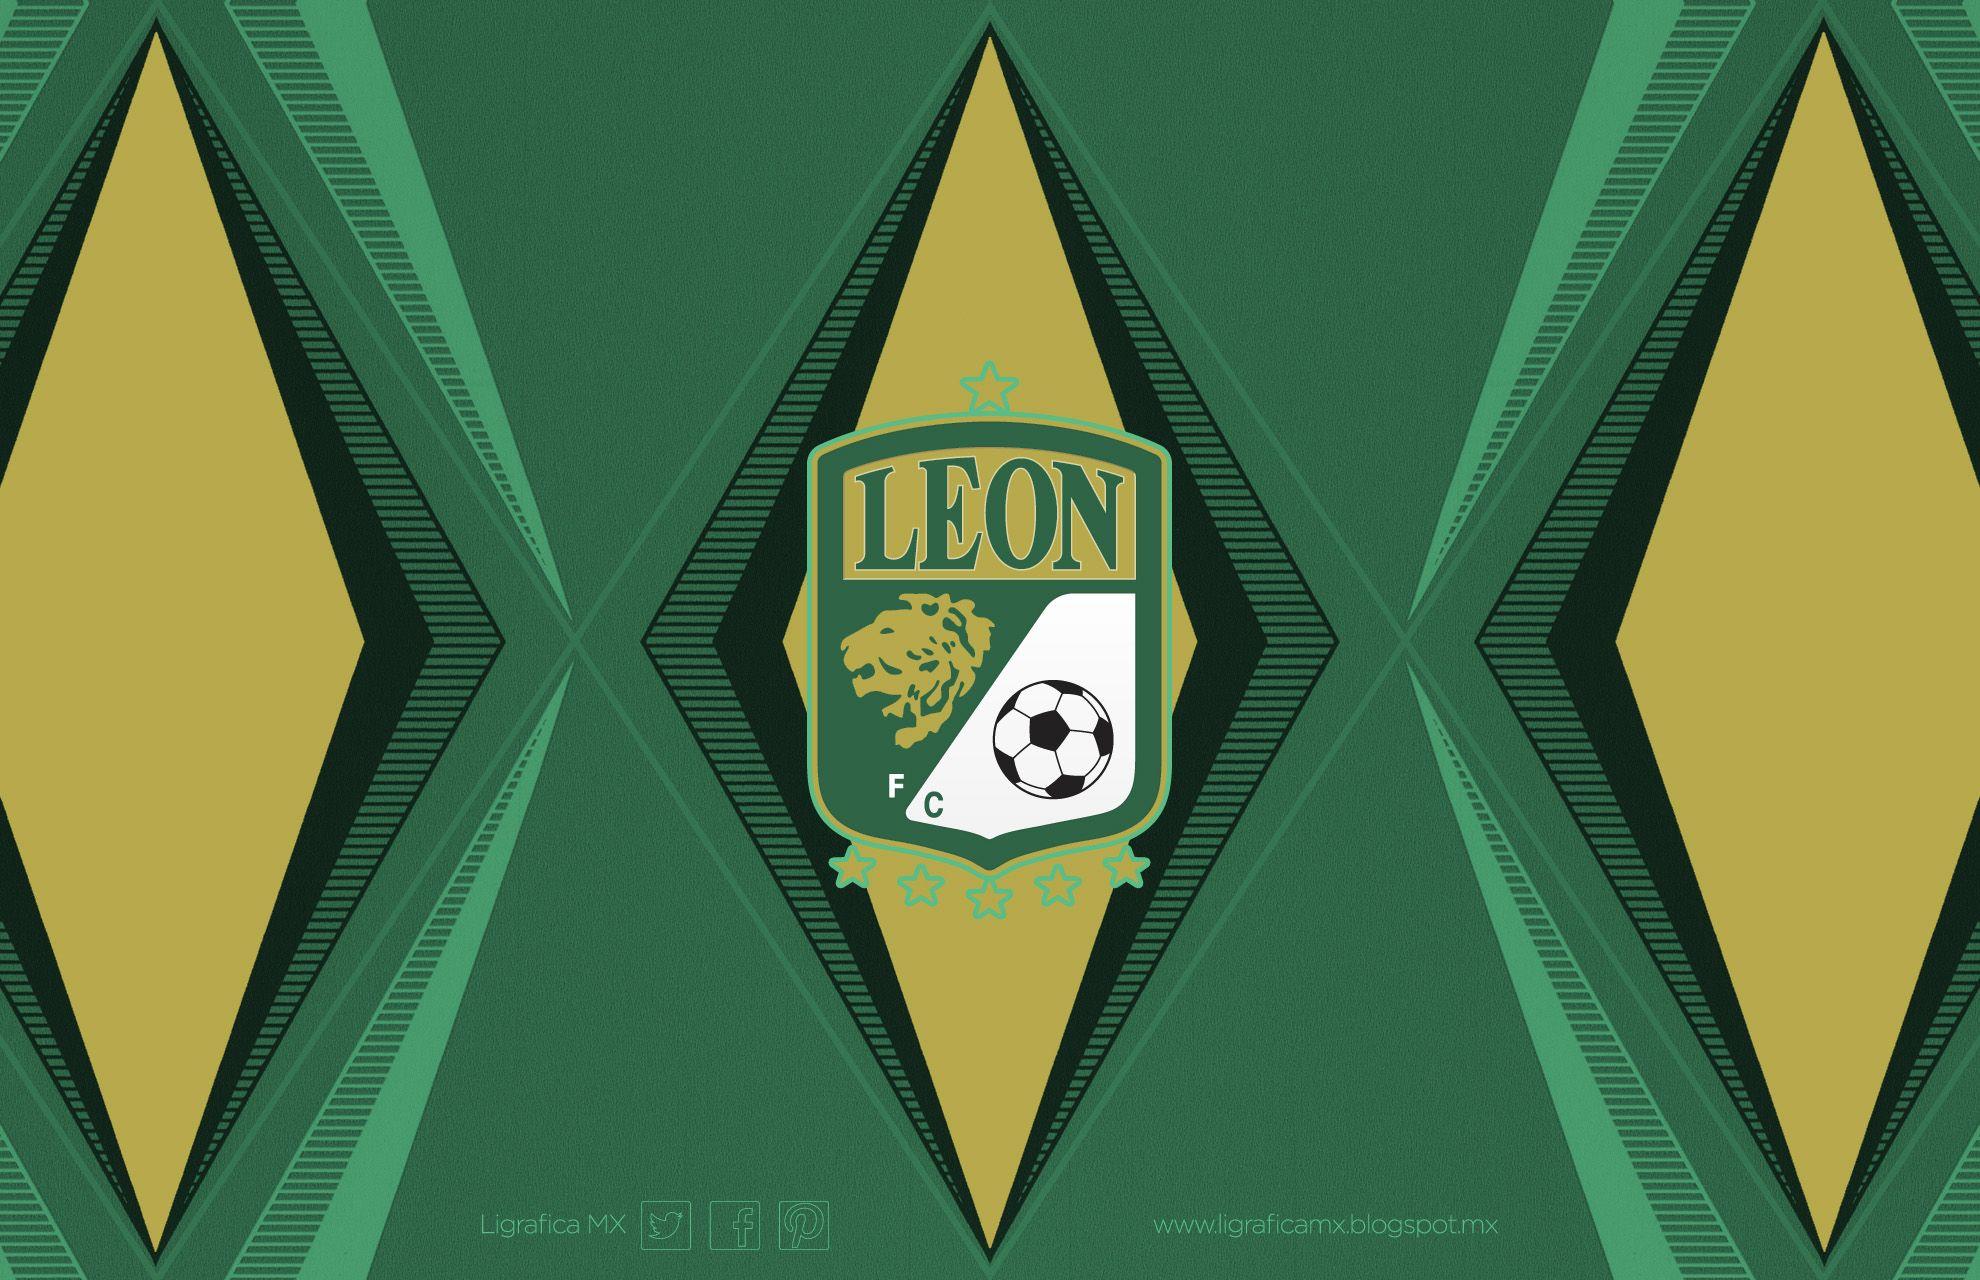 LeónFC • •130114CTG(3) LigraficaMX